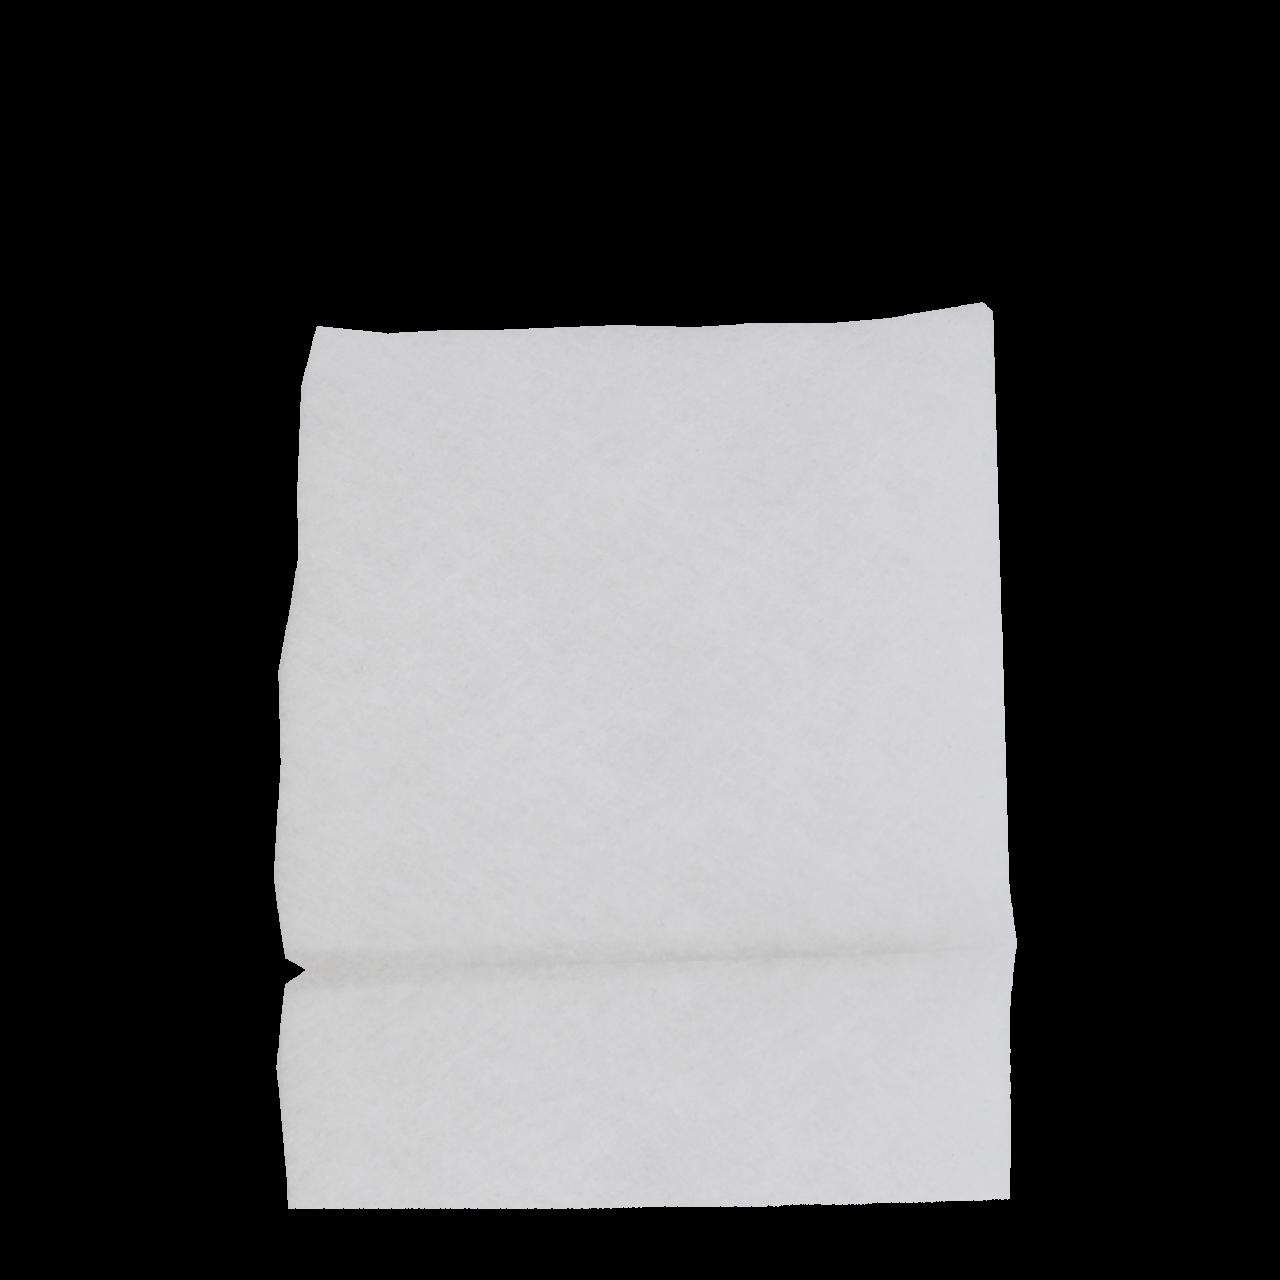 Dämm-/Mittelfilter A900, 53 x 53 mm 53 x 53 mm (5 Stück),